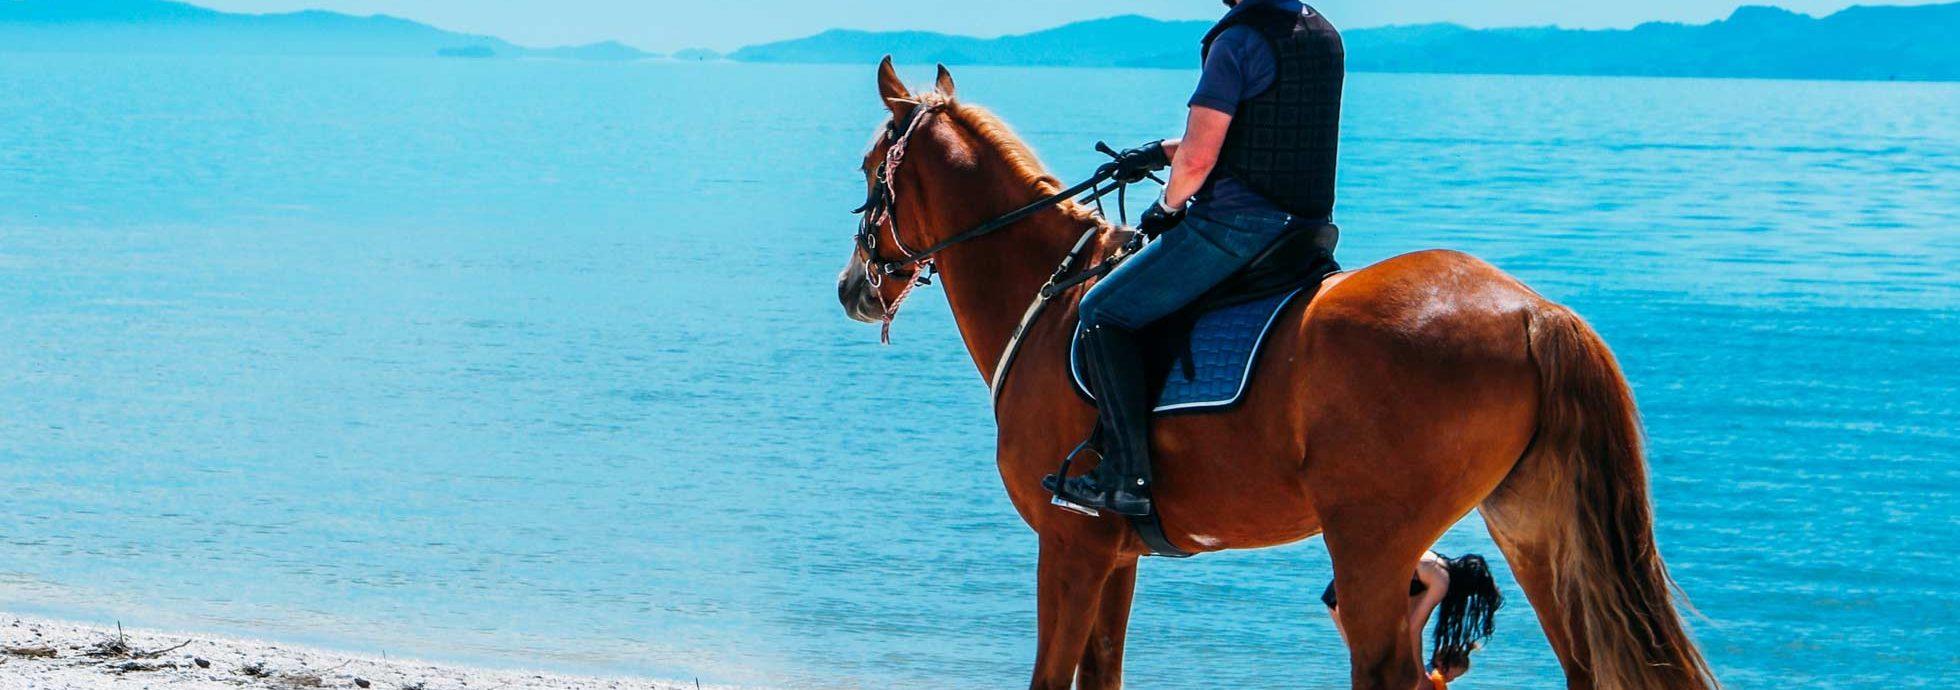 Take a horseback riding guided tour through Glacier National Park